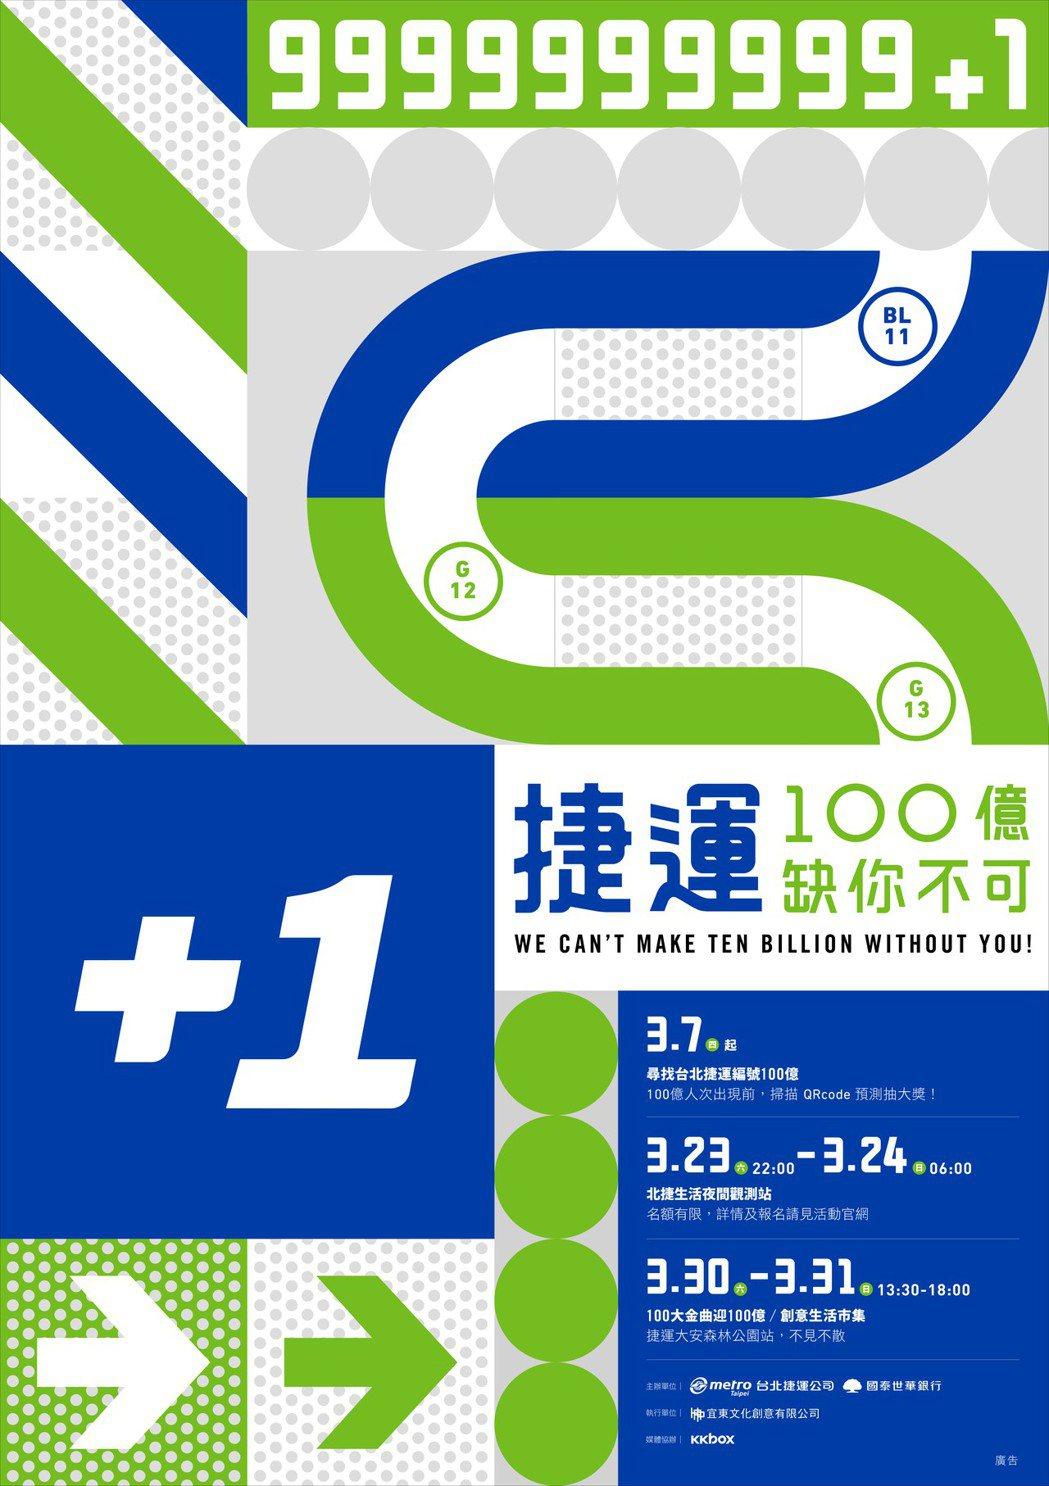 台北捷運累積運量人次即將突破100億,今天公布百億人次慶祝活動。圖/北捷公司提供